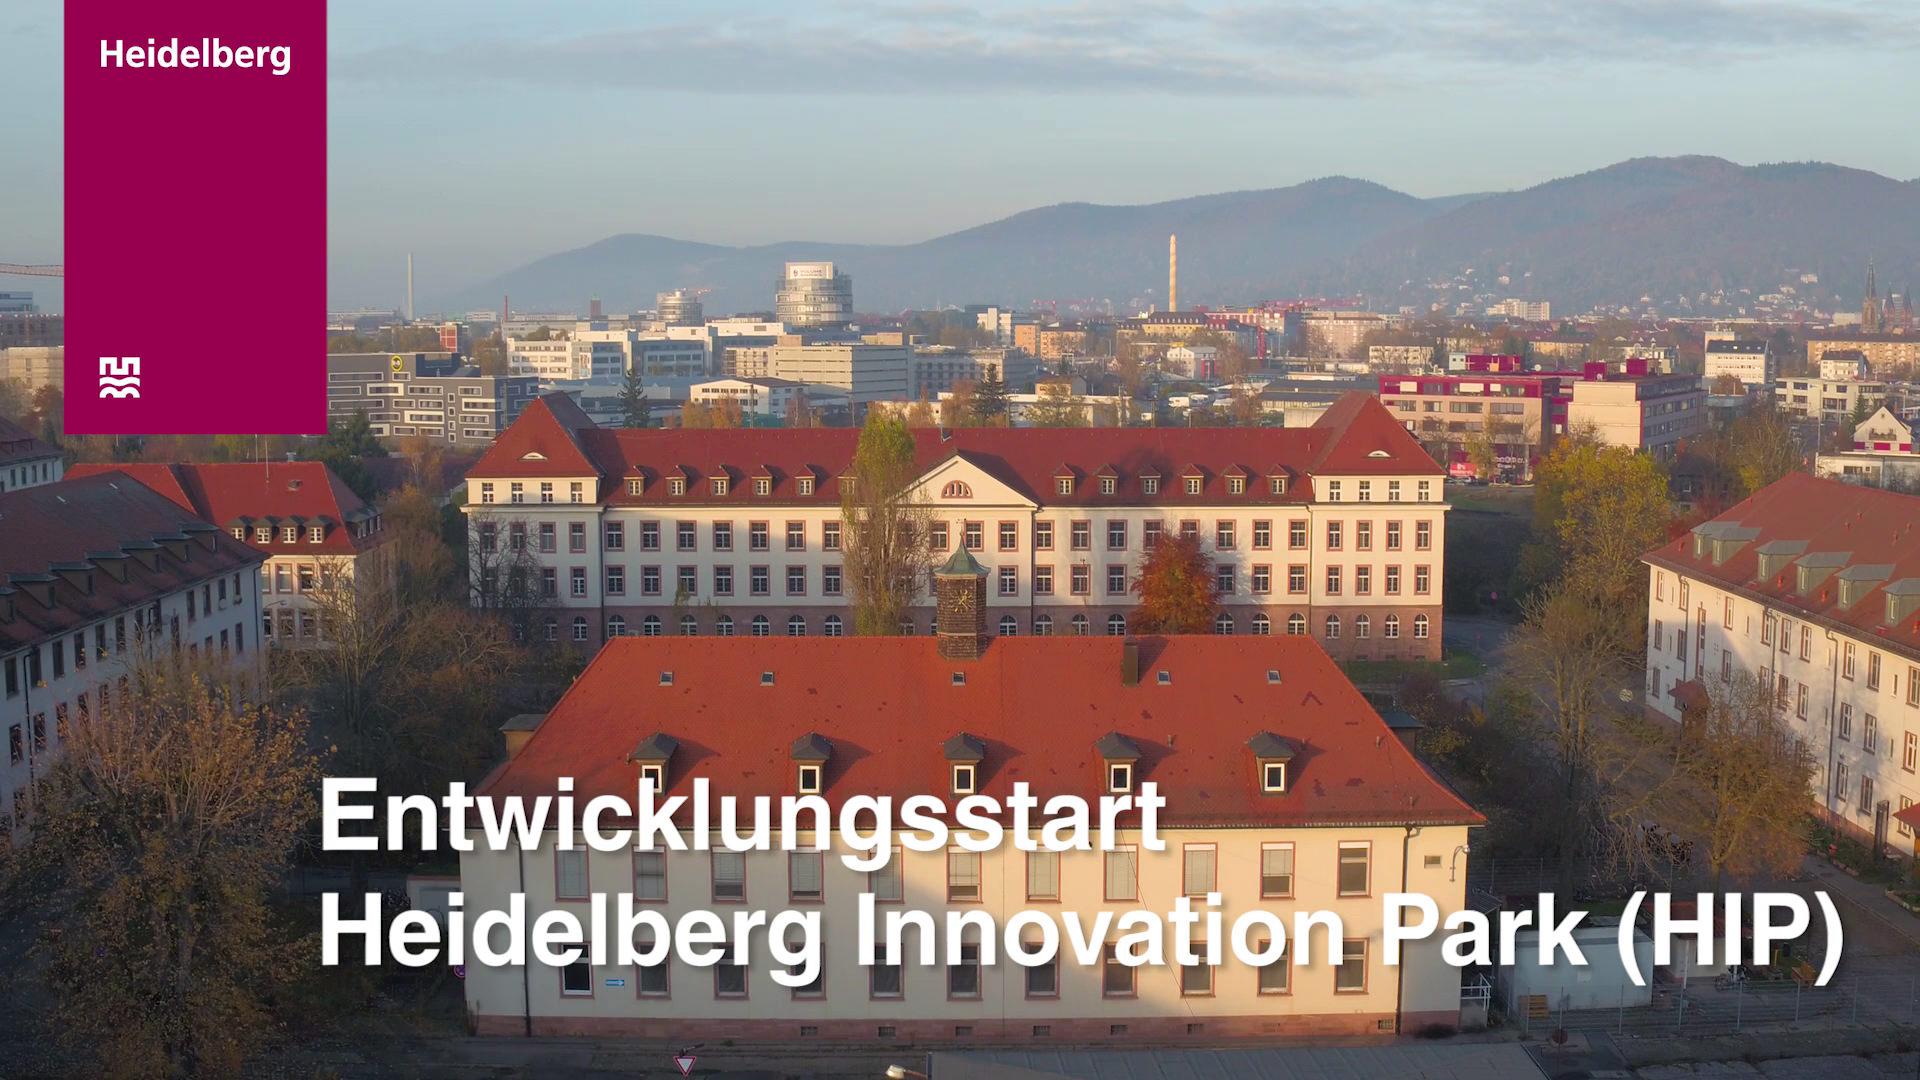 HIP Heidelberg Innovation Park